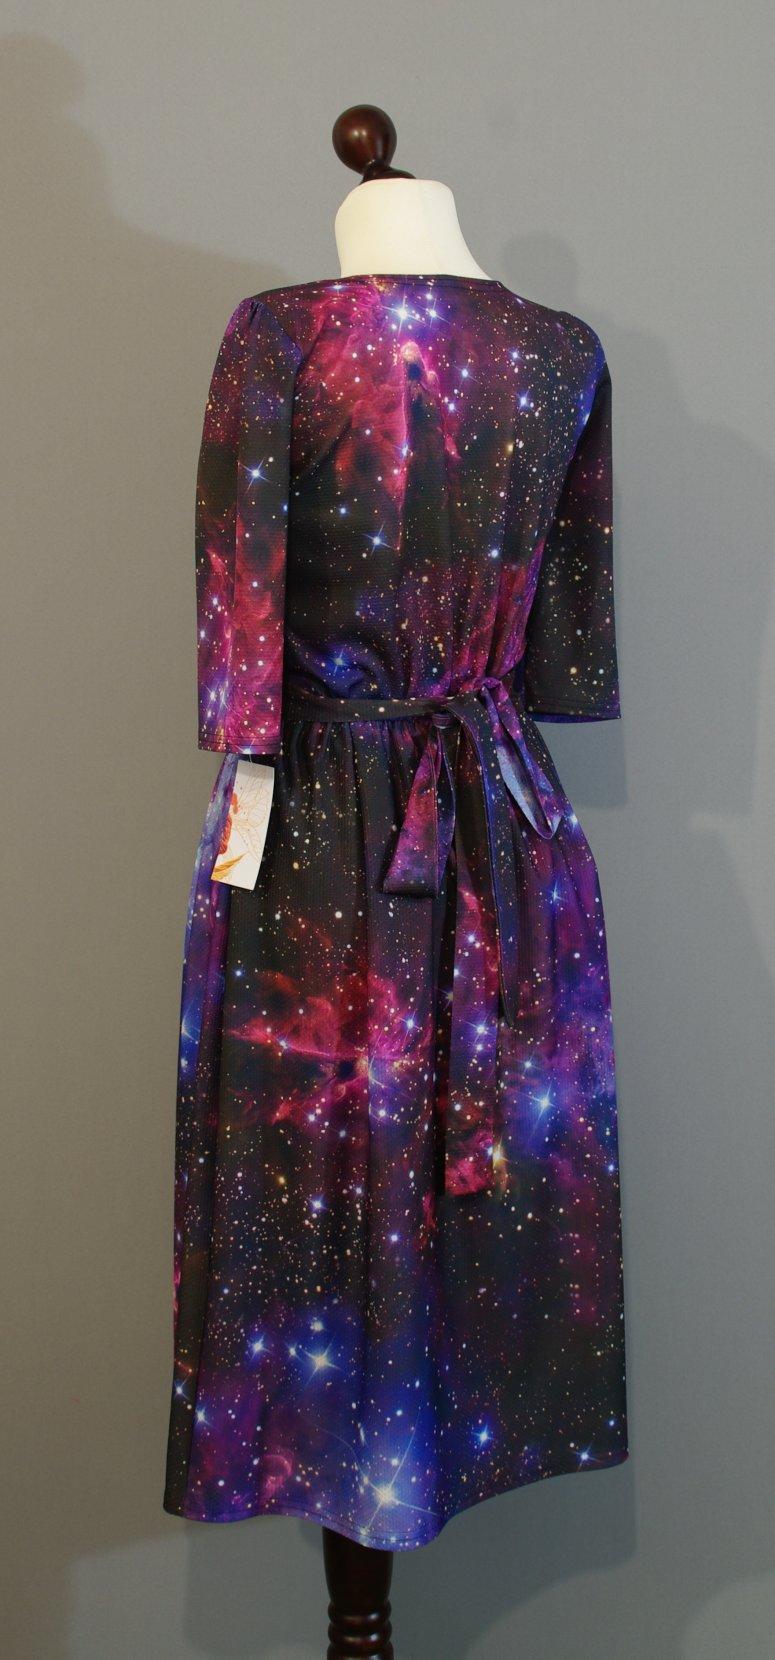 Космическая платье купить